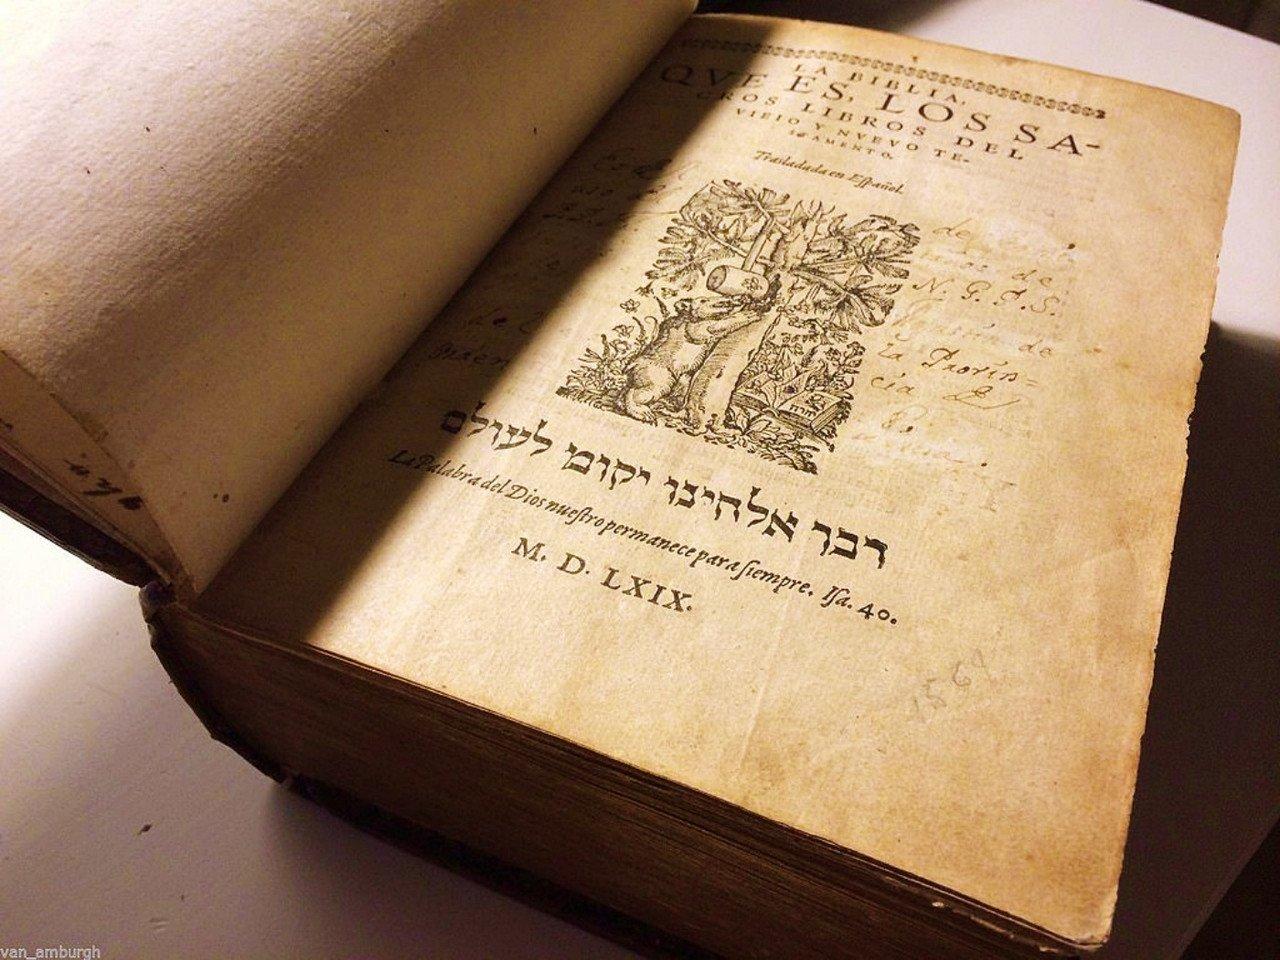 La Biblia del Oso en tiempos de Inquisición